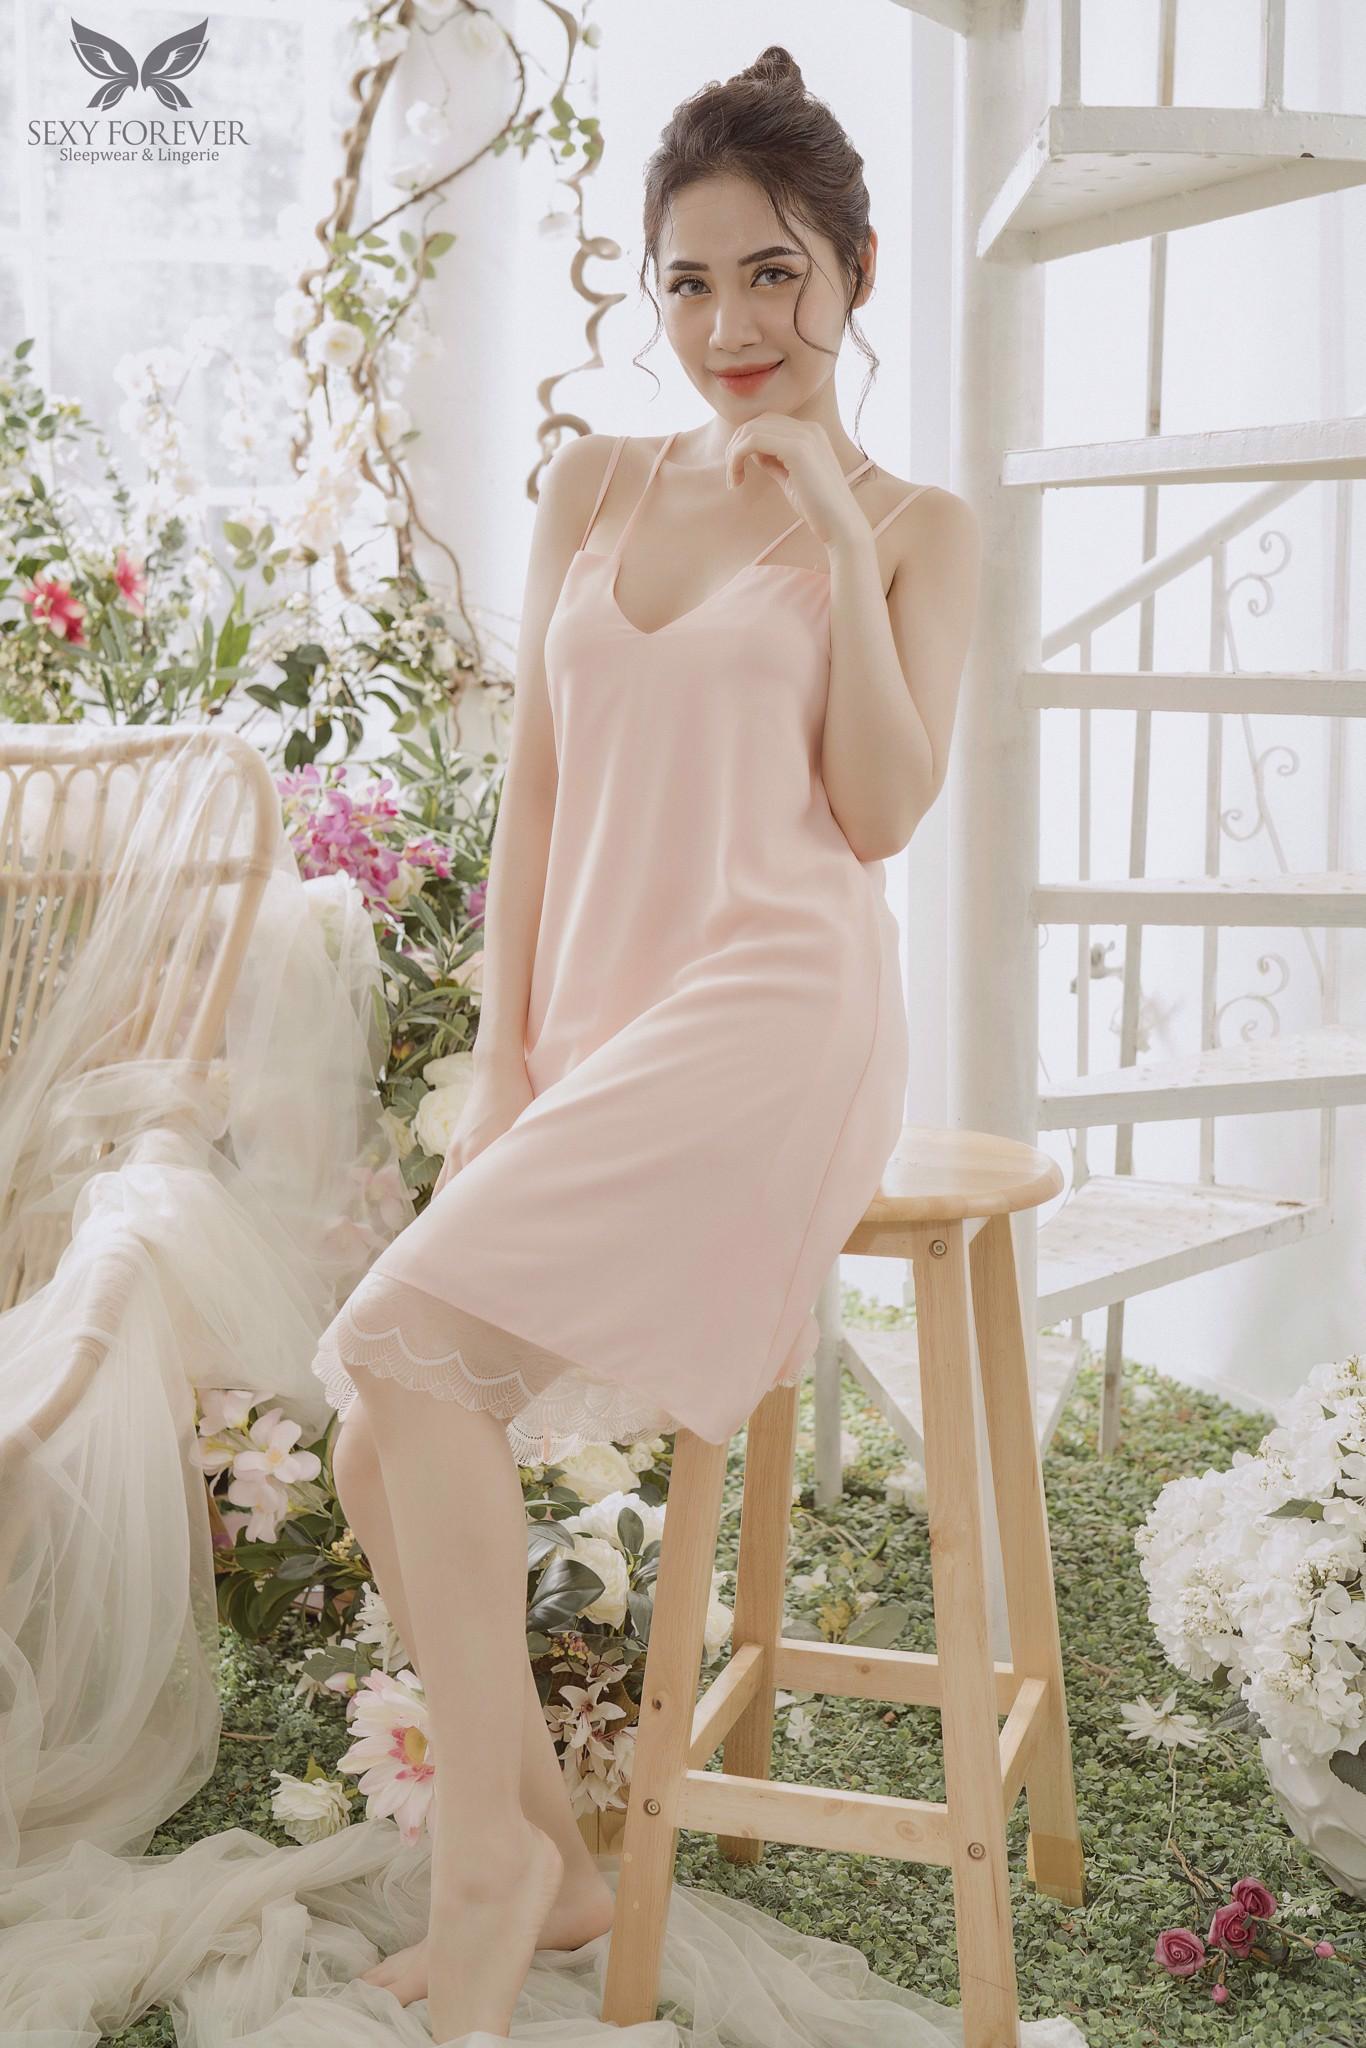 """Tín đồ thời trang làm gì lúc #stayhome: Ở nhà vẫn mặc đồ """"chanh sả"""" với loạt items có giá dưới 200k - Ảnh 4."""